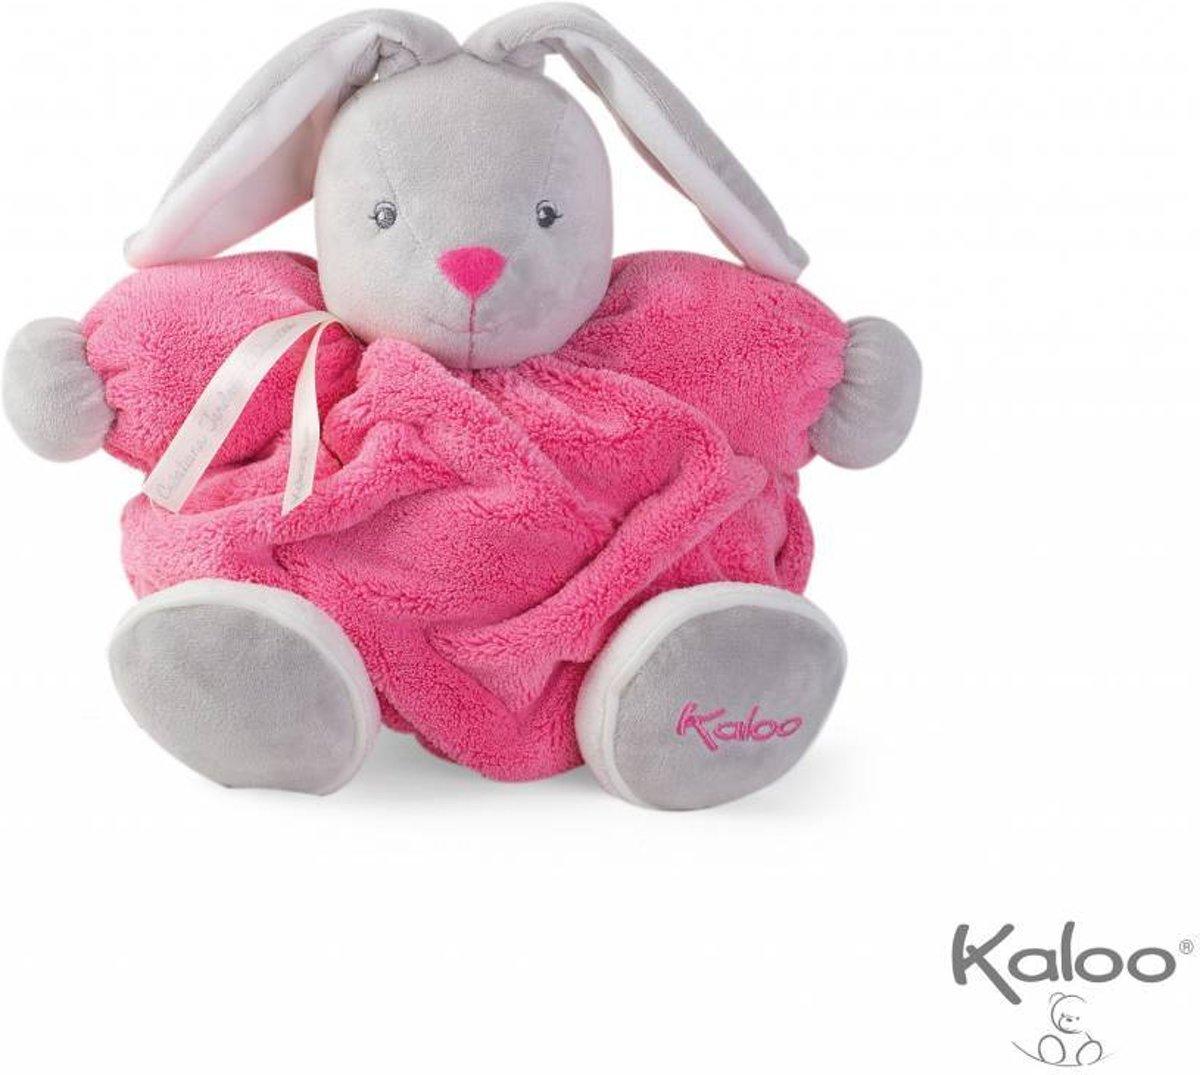 Kaloo Plume - Knuffelkonijn framboos